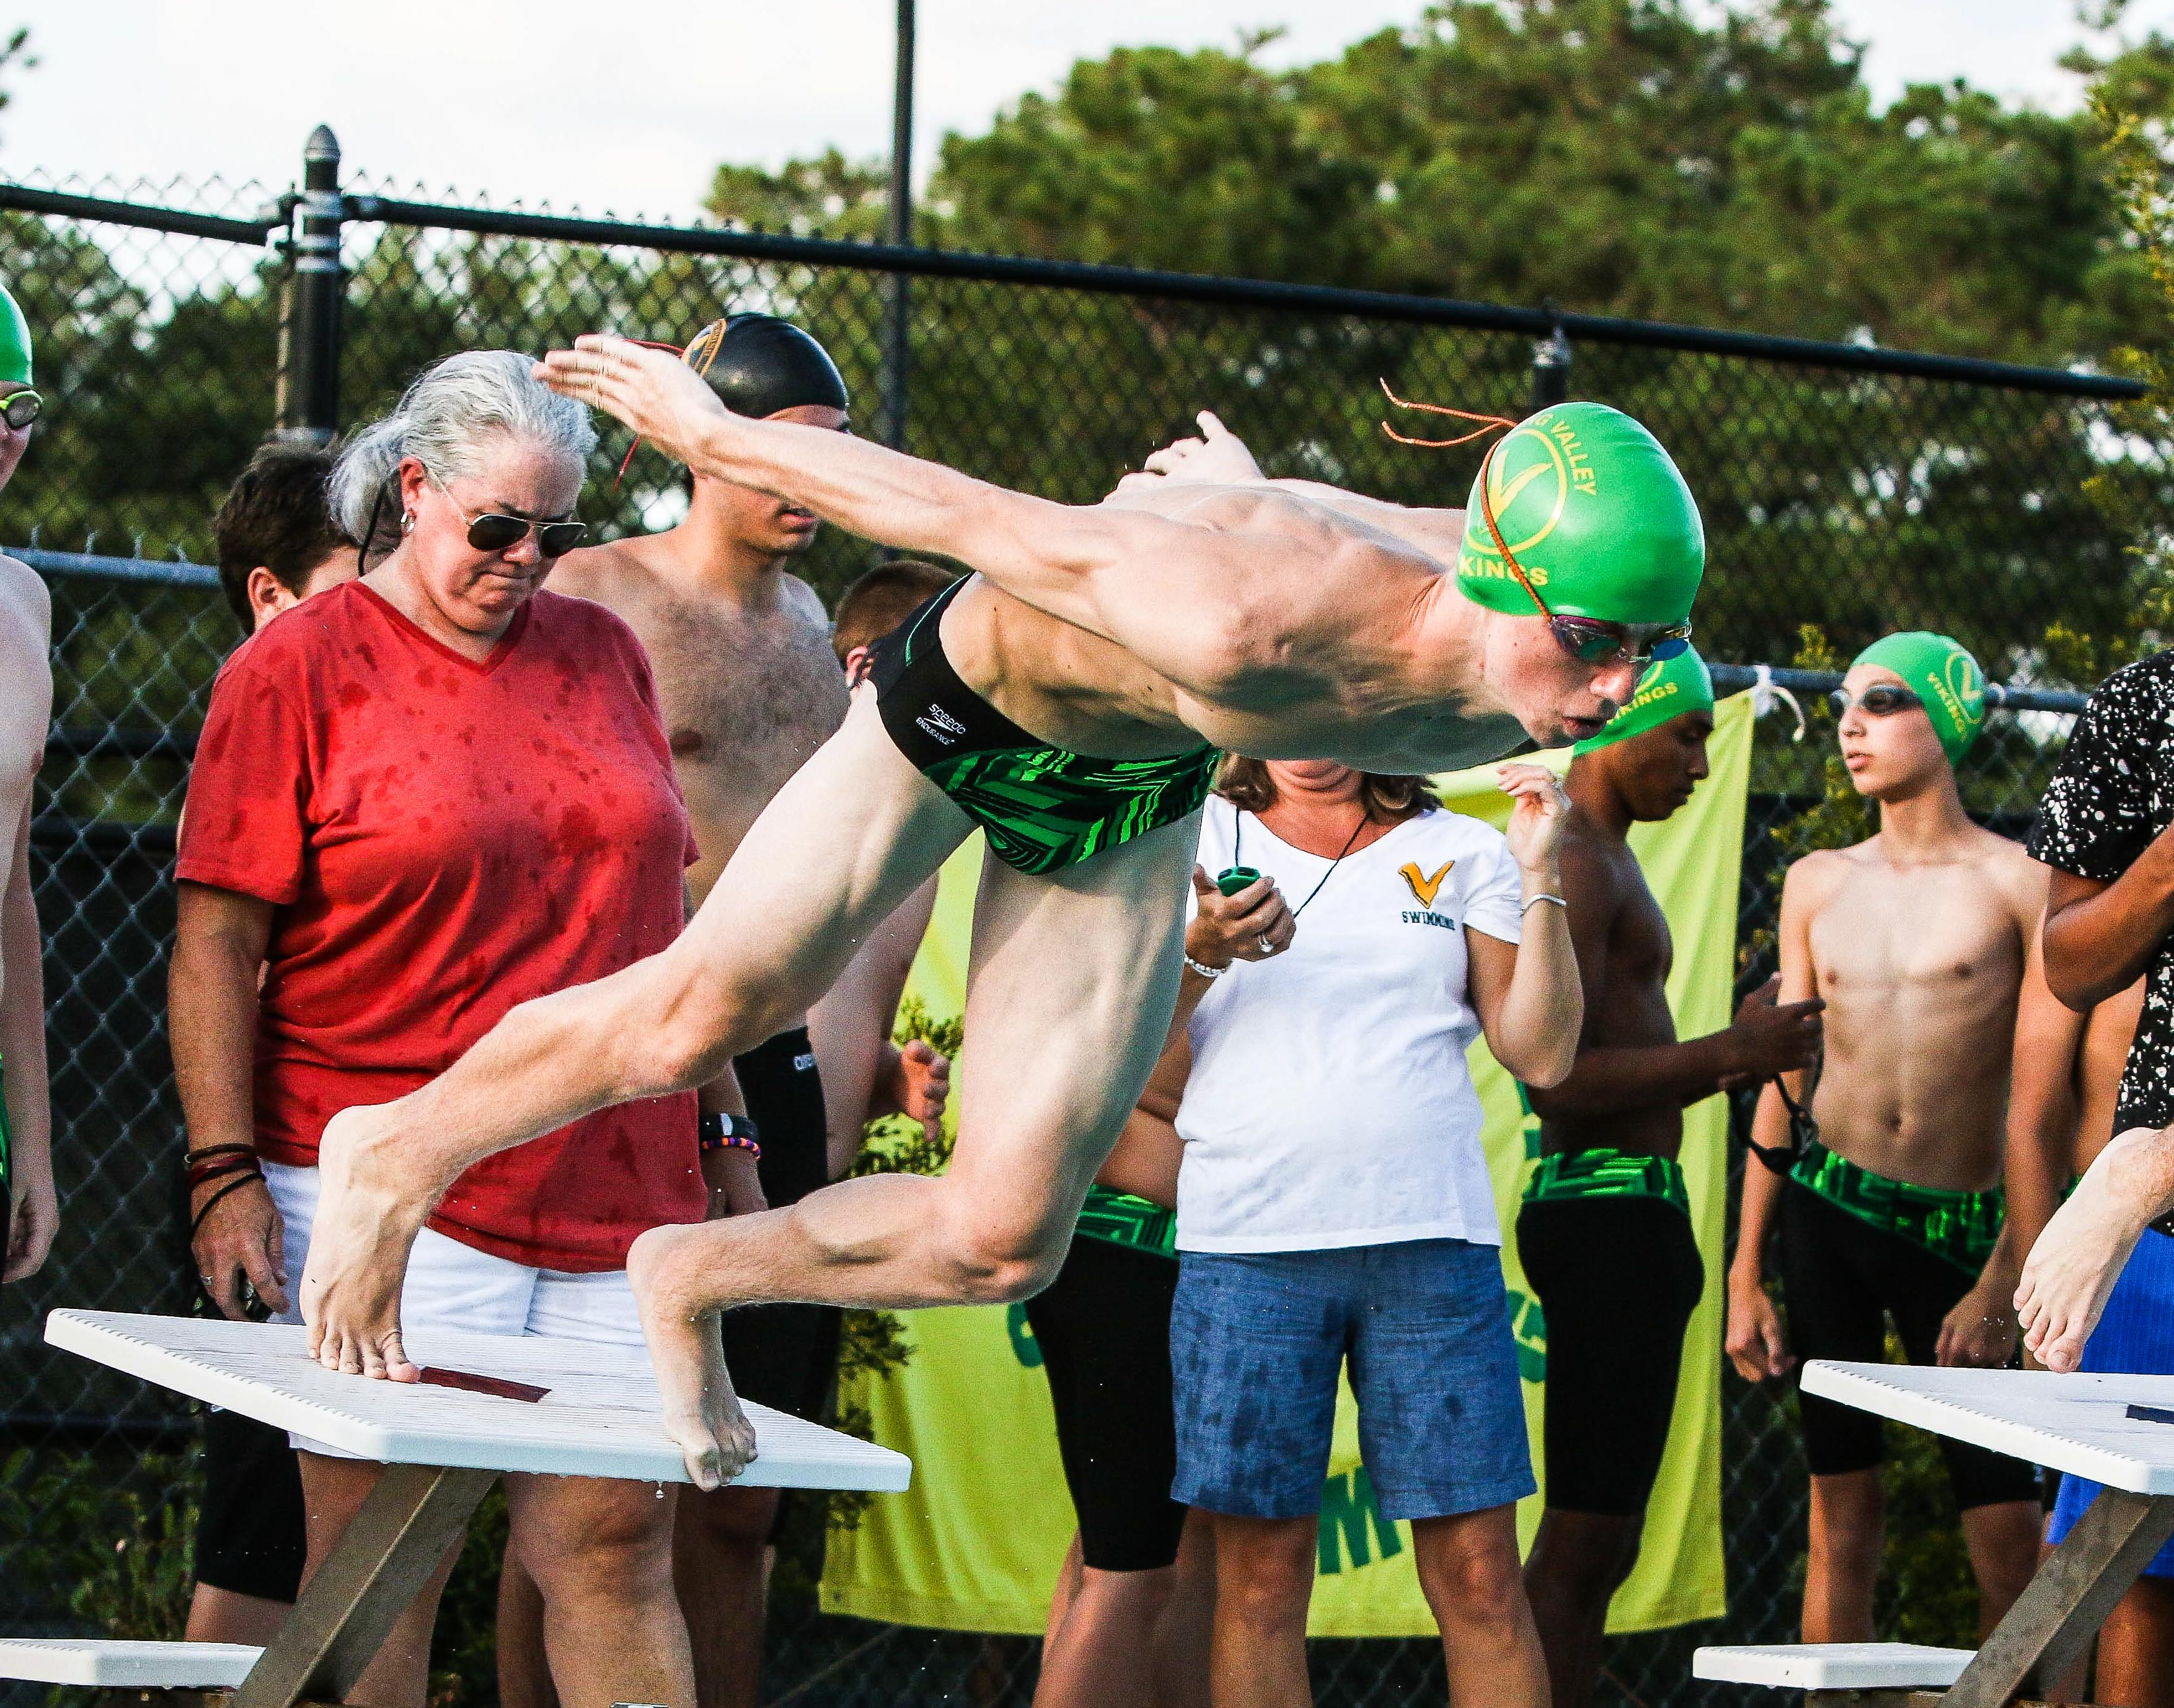 perrymcleodphotos.com Sports Portfolio (71 of 87)